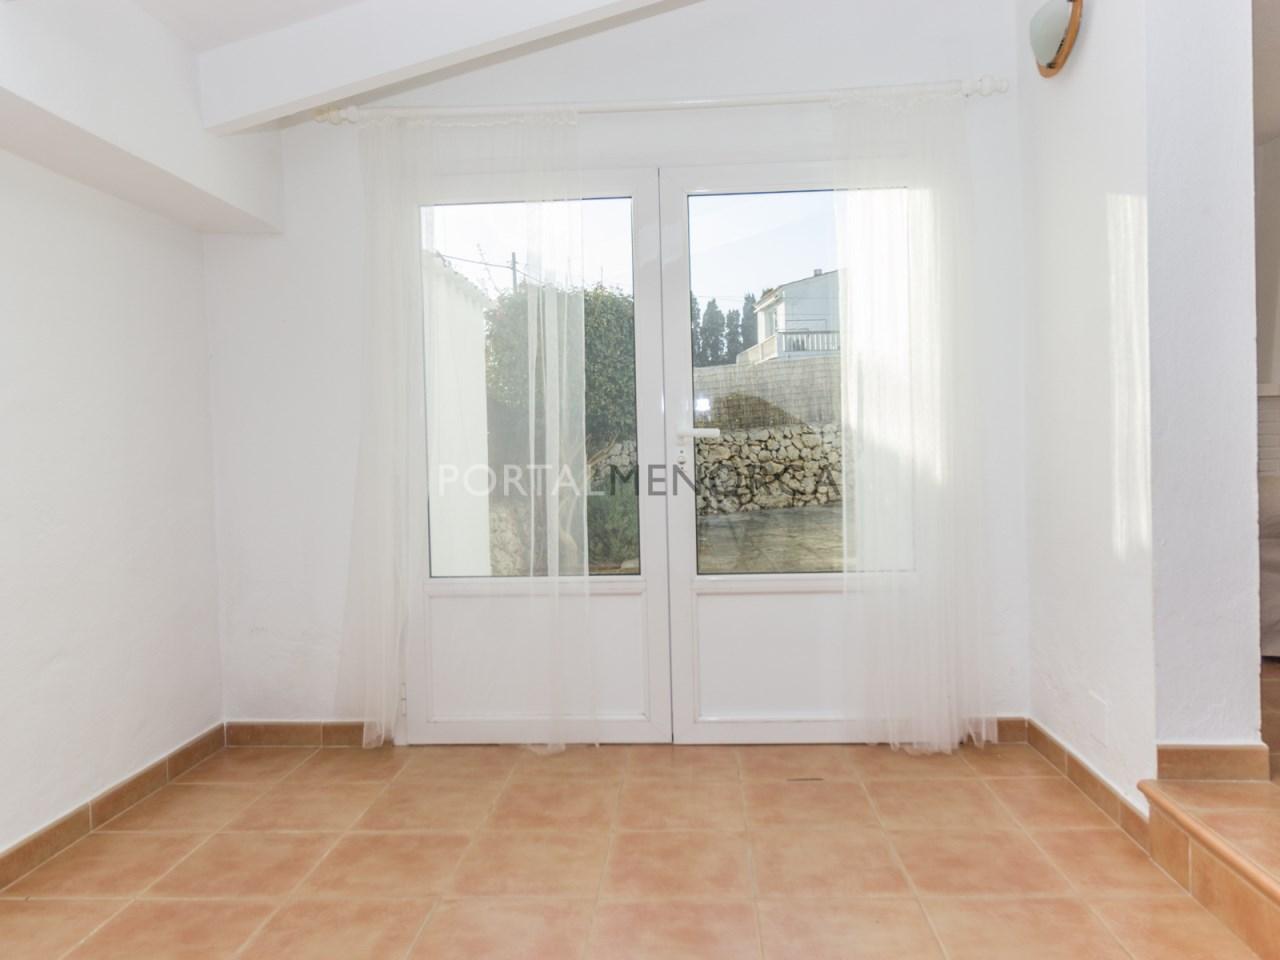 casa con patio en son vilar Menorca (11 de 22)